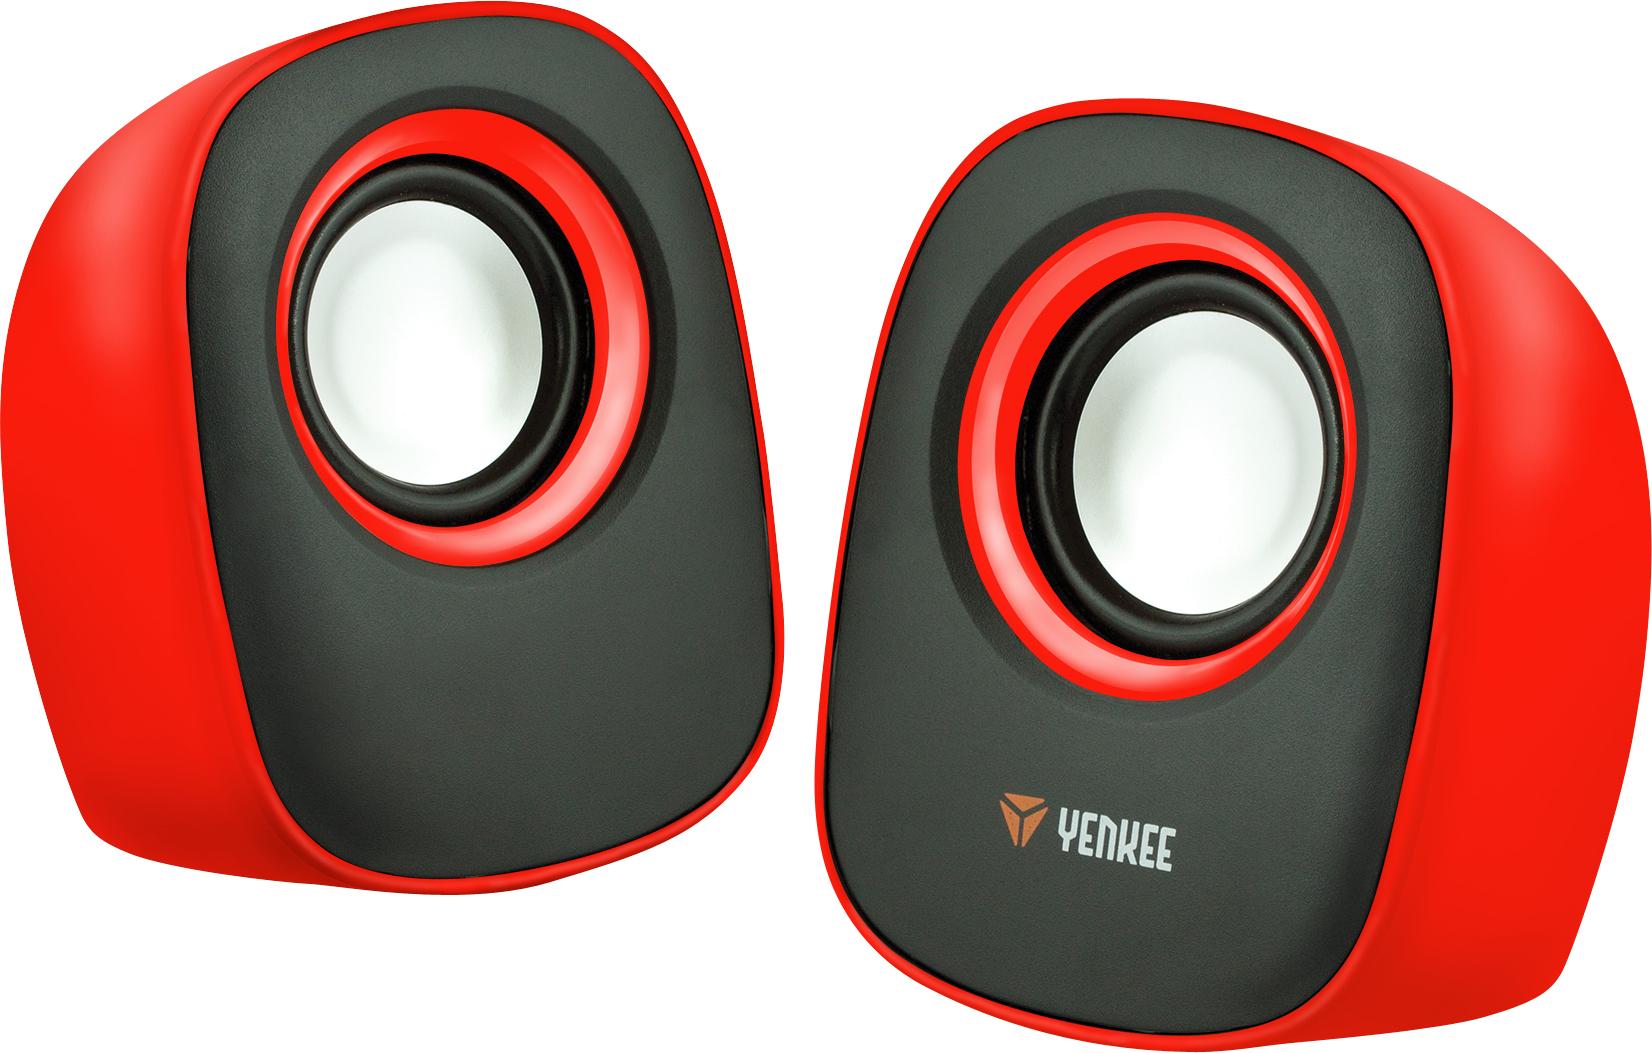 YENKEE YSP 2001RD Mini reproduktory 2.0 červené